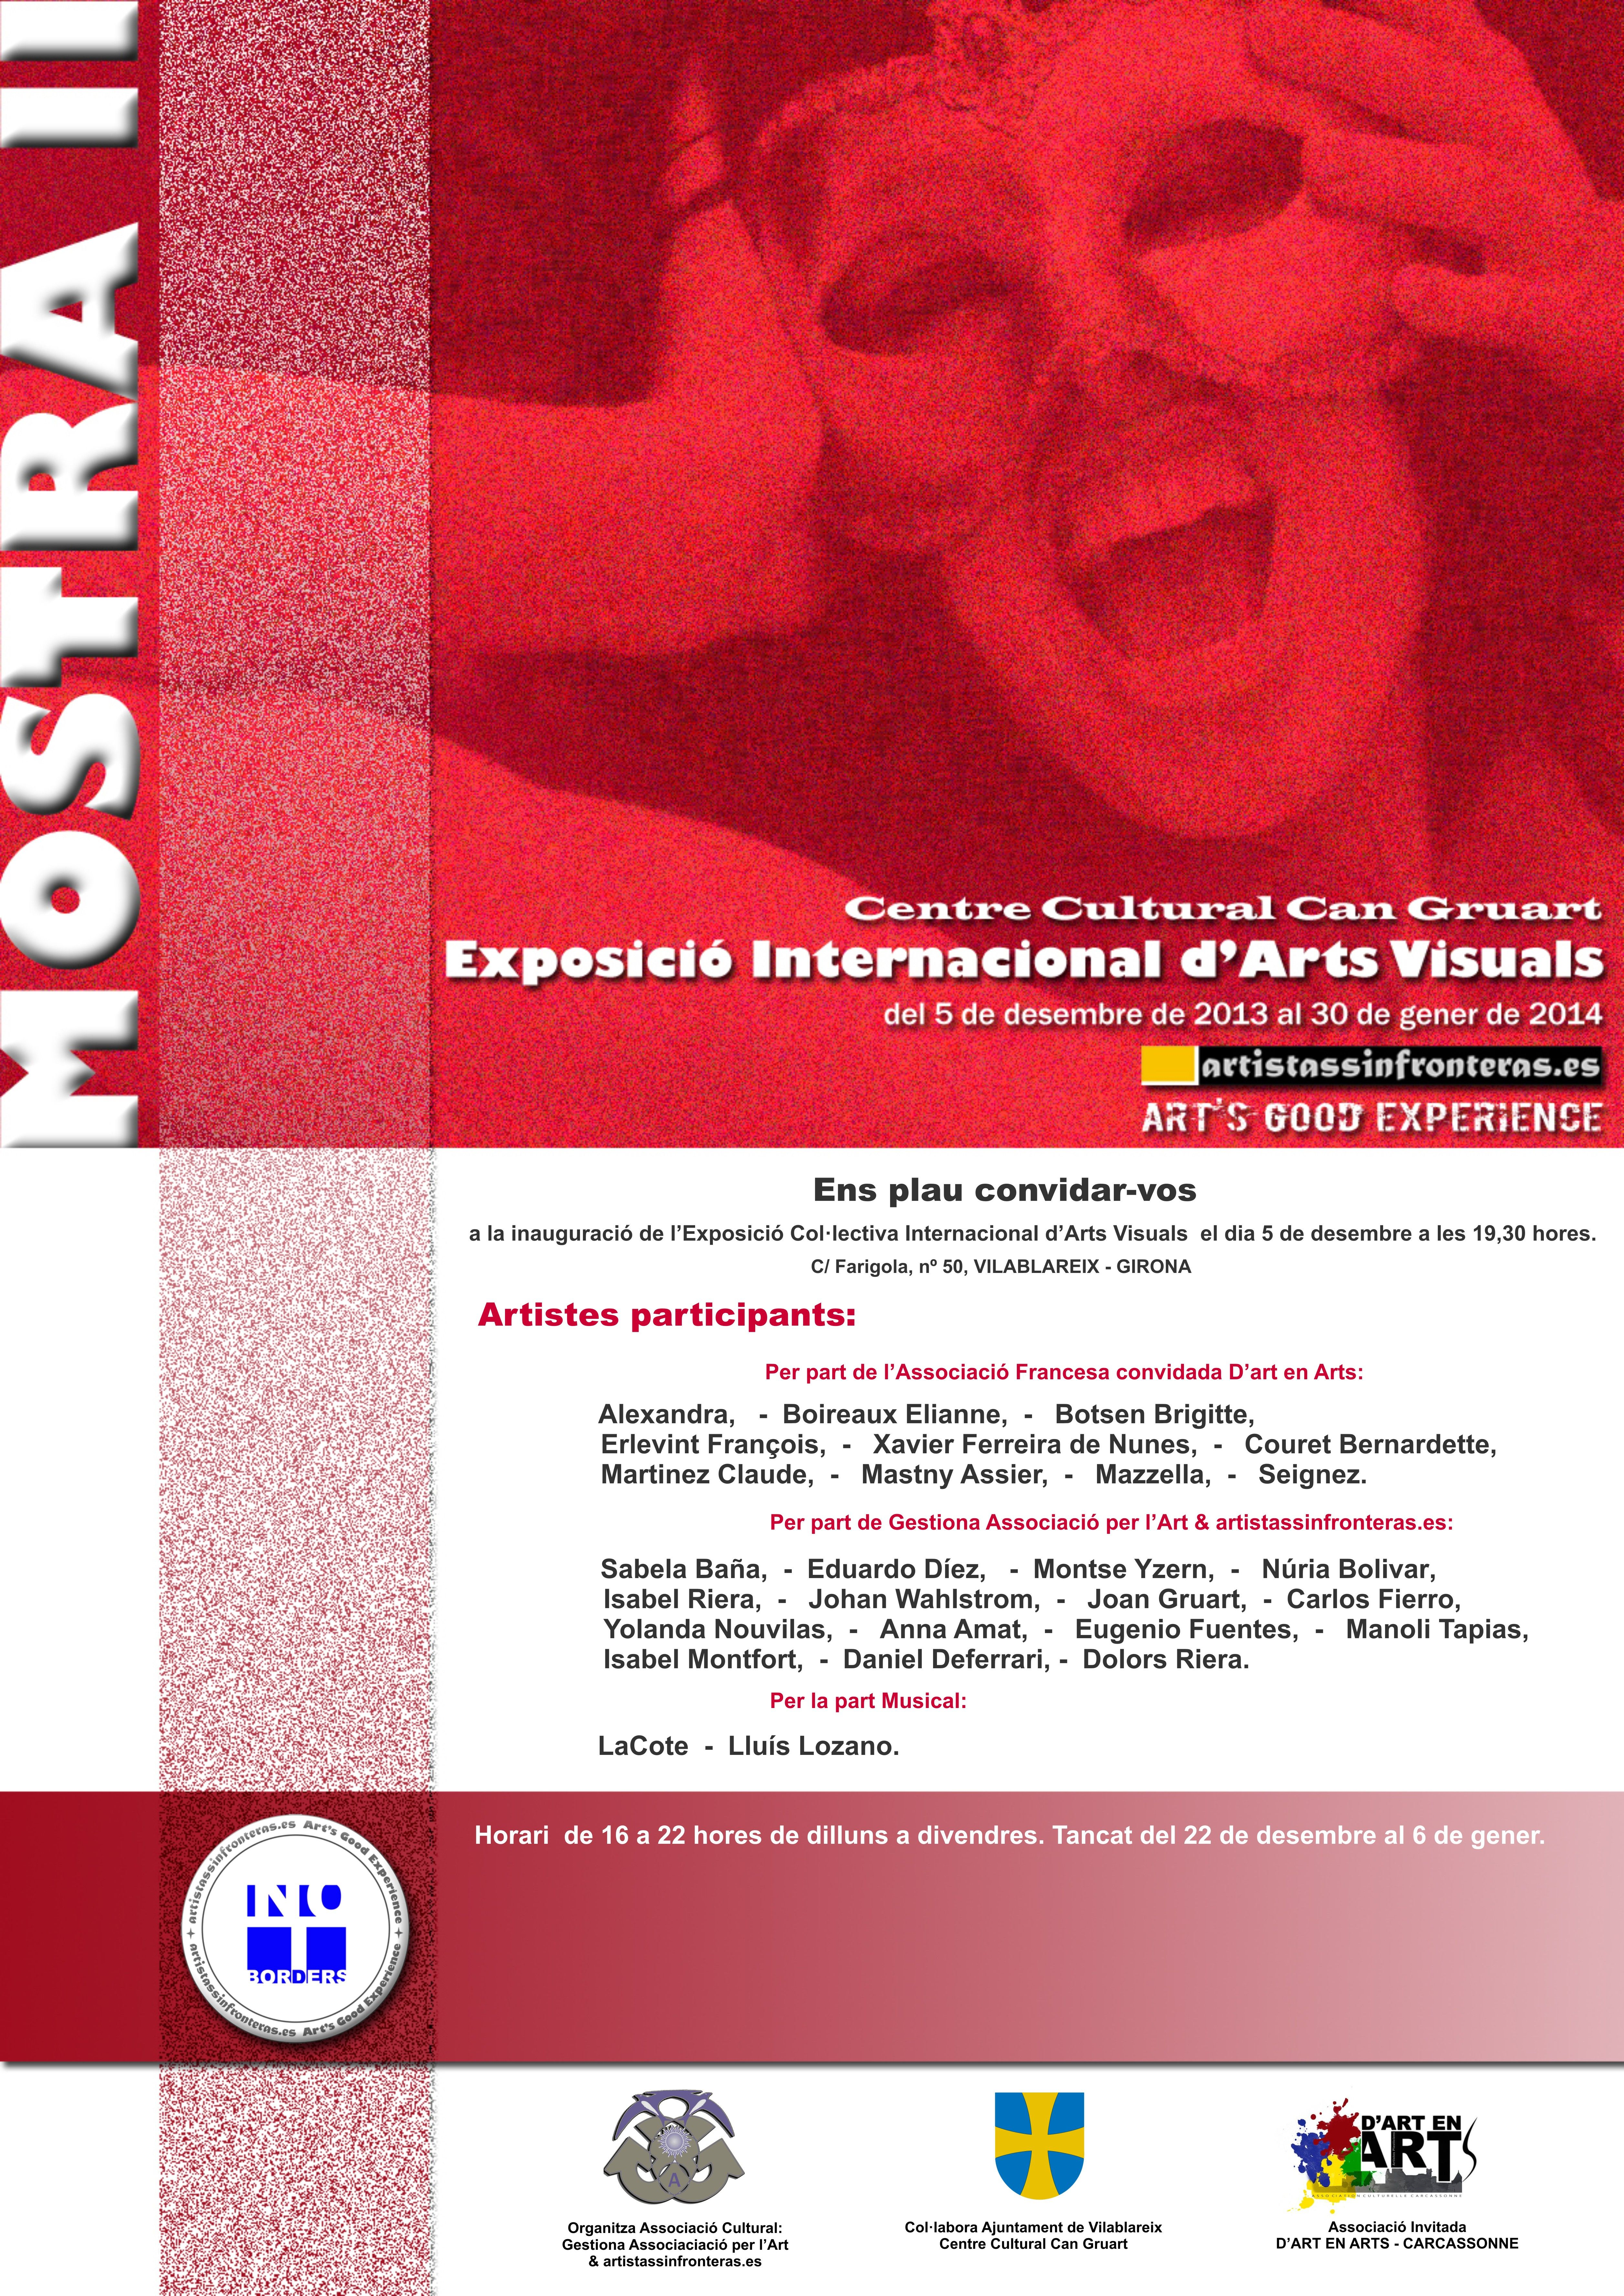 Isabel Monfort. Participo en La Exposicion Internacional d´Arts Visuals, Centro Cultural Can Gruart en Vilablareix- Gerona.  Del 5 de Diciembre 2013 al 30 de Enero 2014